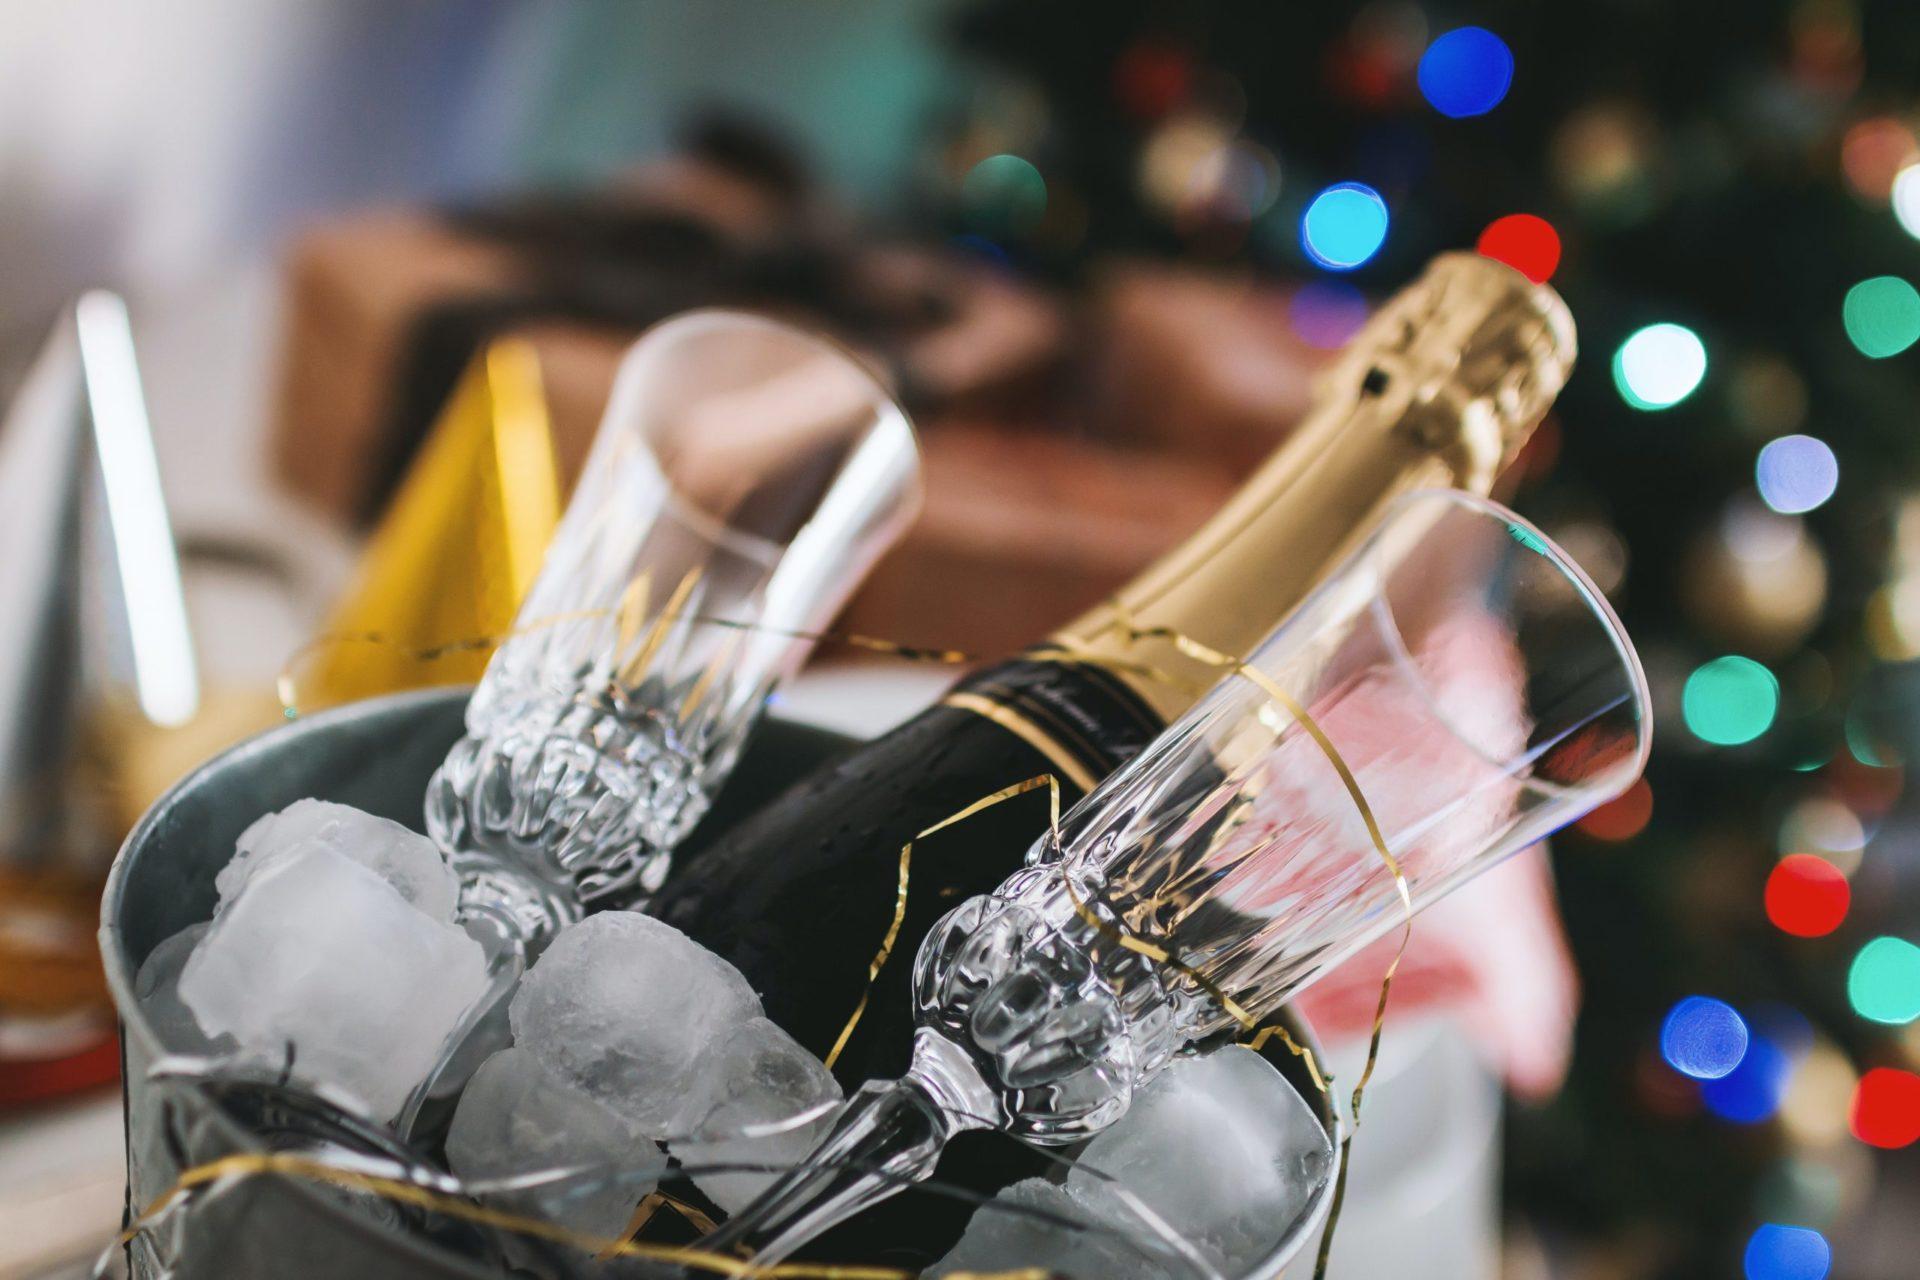 クリスマスにおすすめのワインとは?